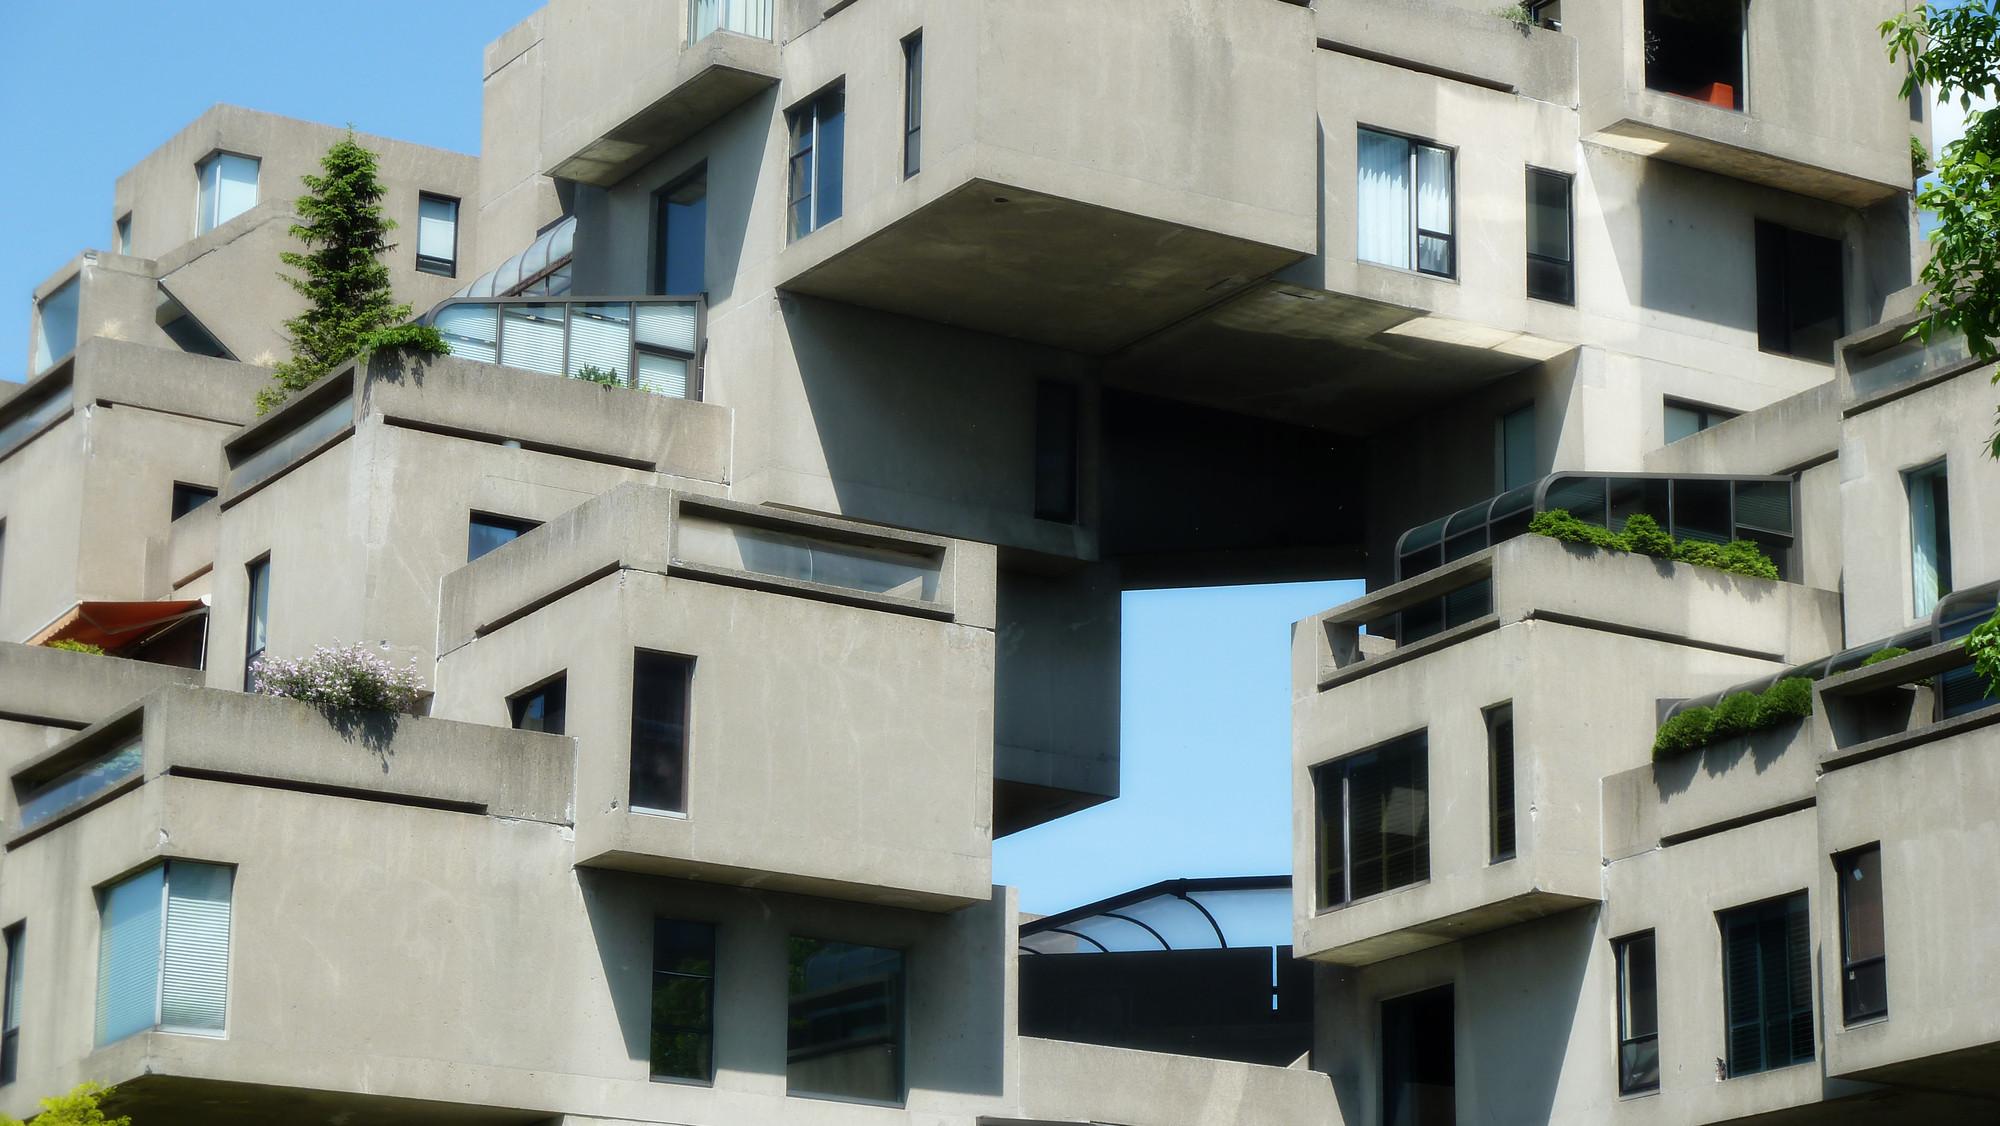 Cl Sicos De Arquitectura H Bitat 67 Moshe Safdie